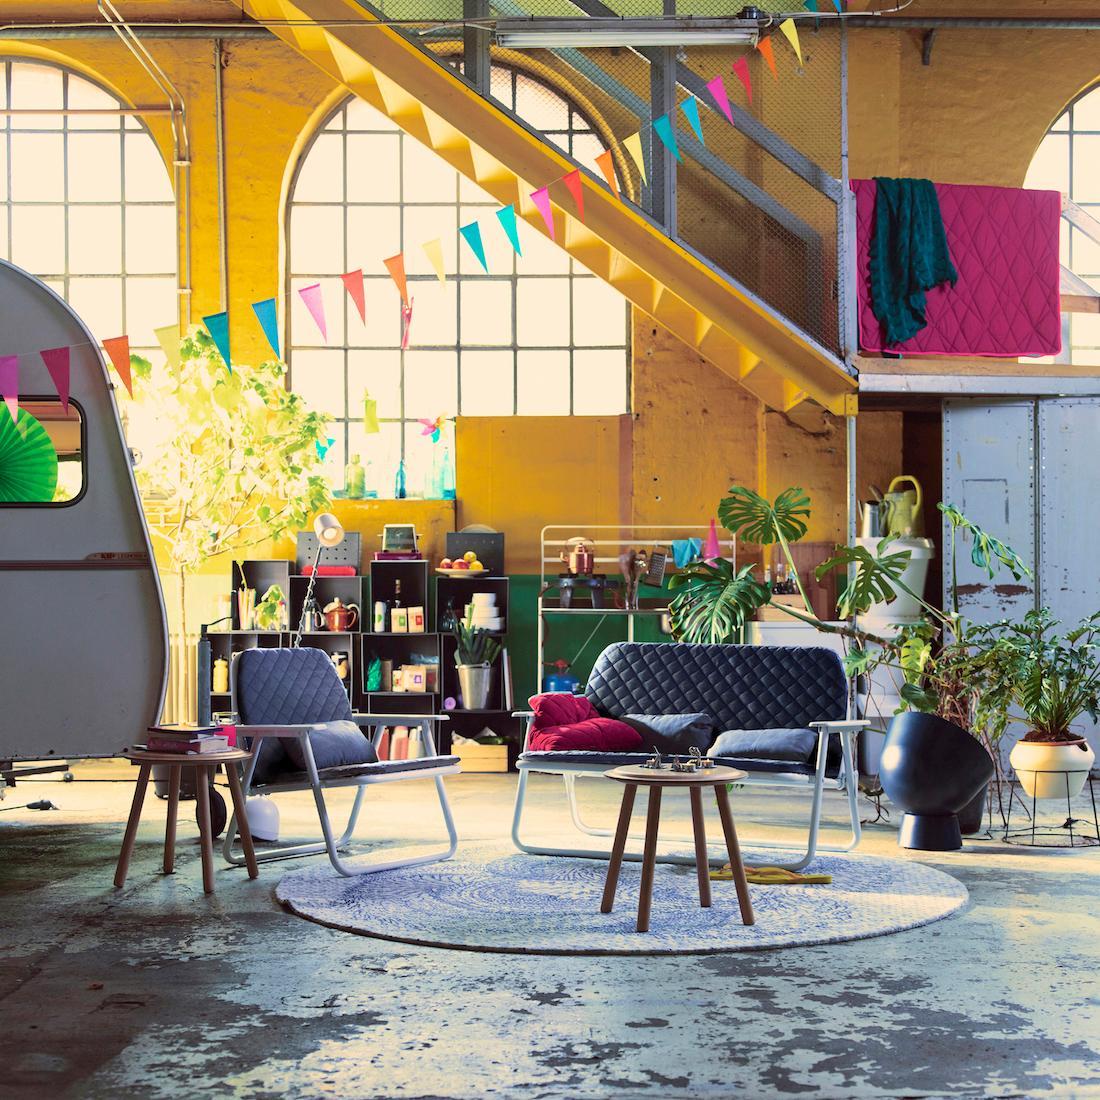 Ikea Ps 2017 Couchtisch Wohnzimmer Ikea C Inter Ik